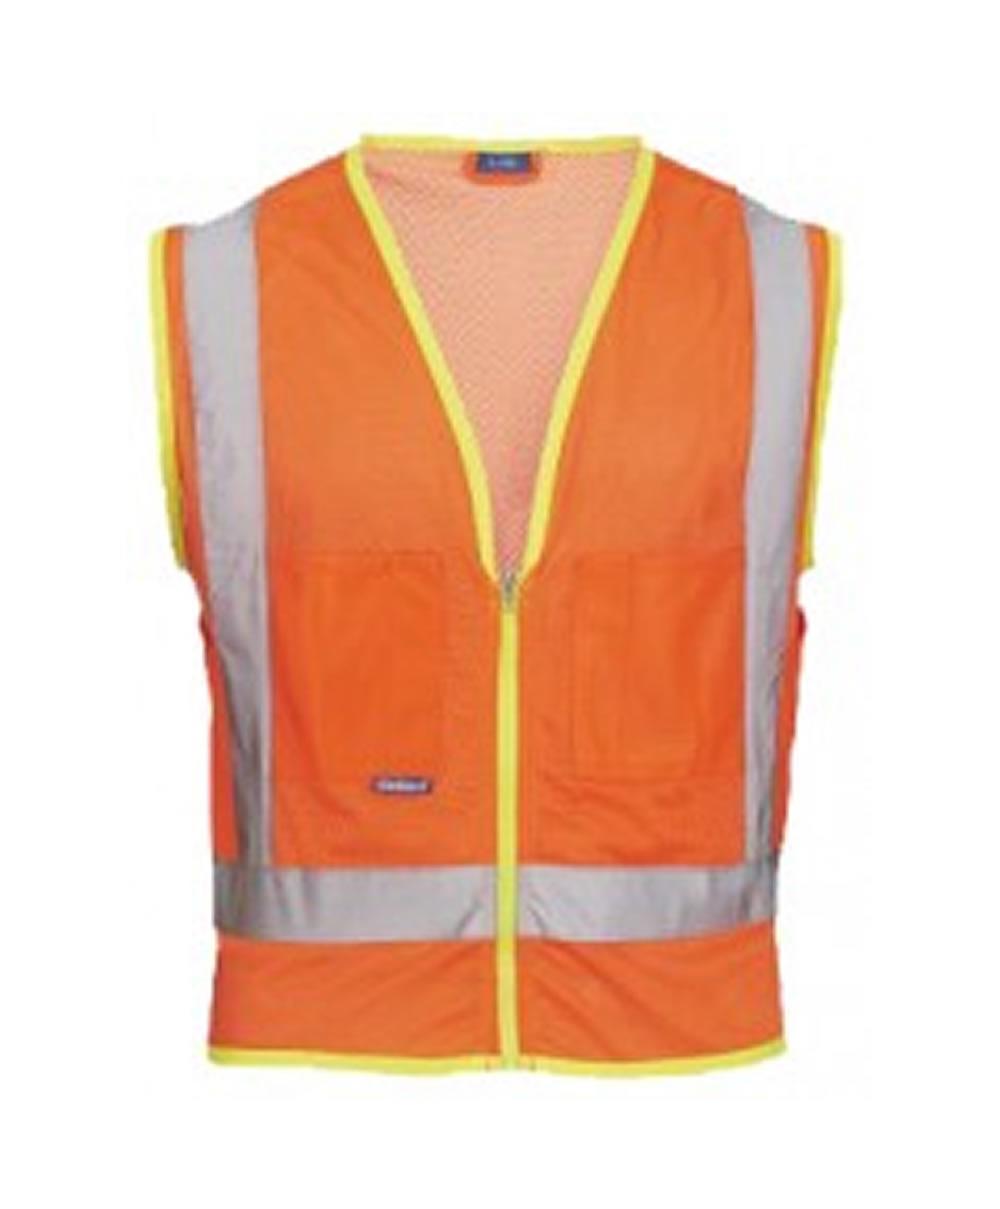 Skillers High Visibility Mesh Safety Vest – Orange